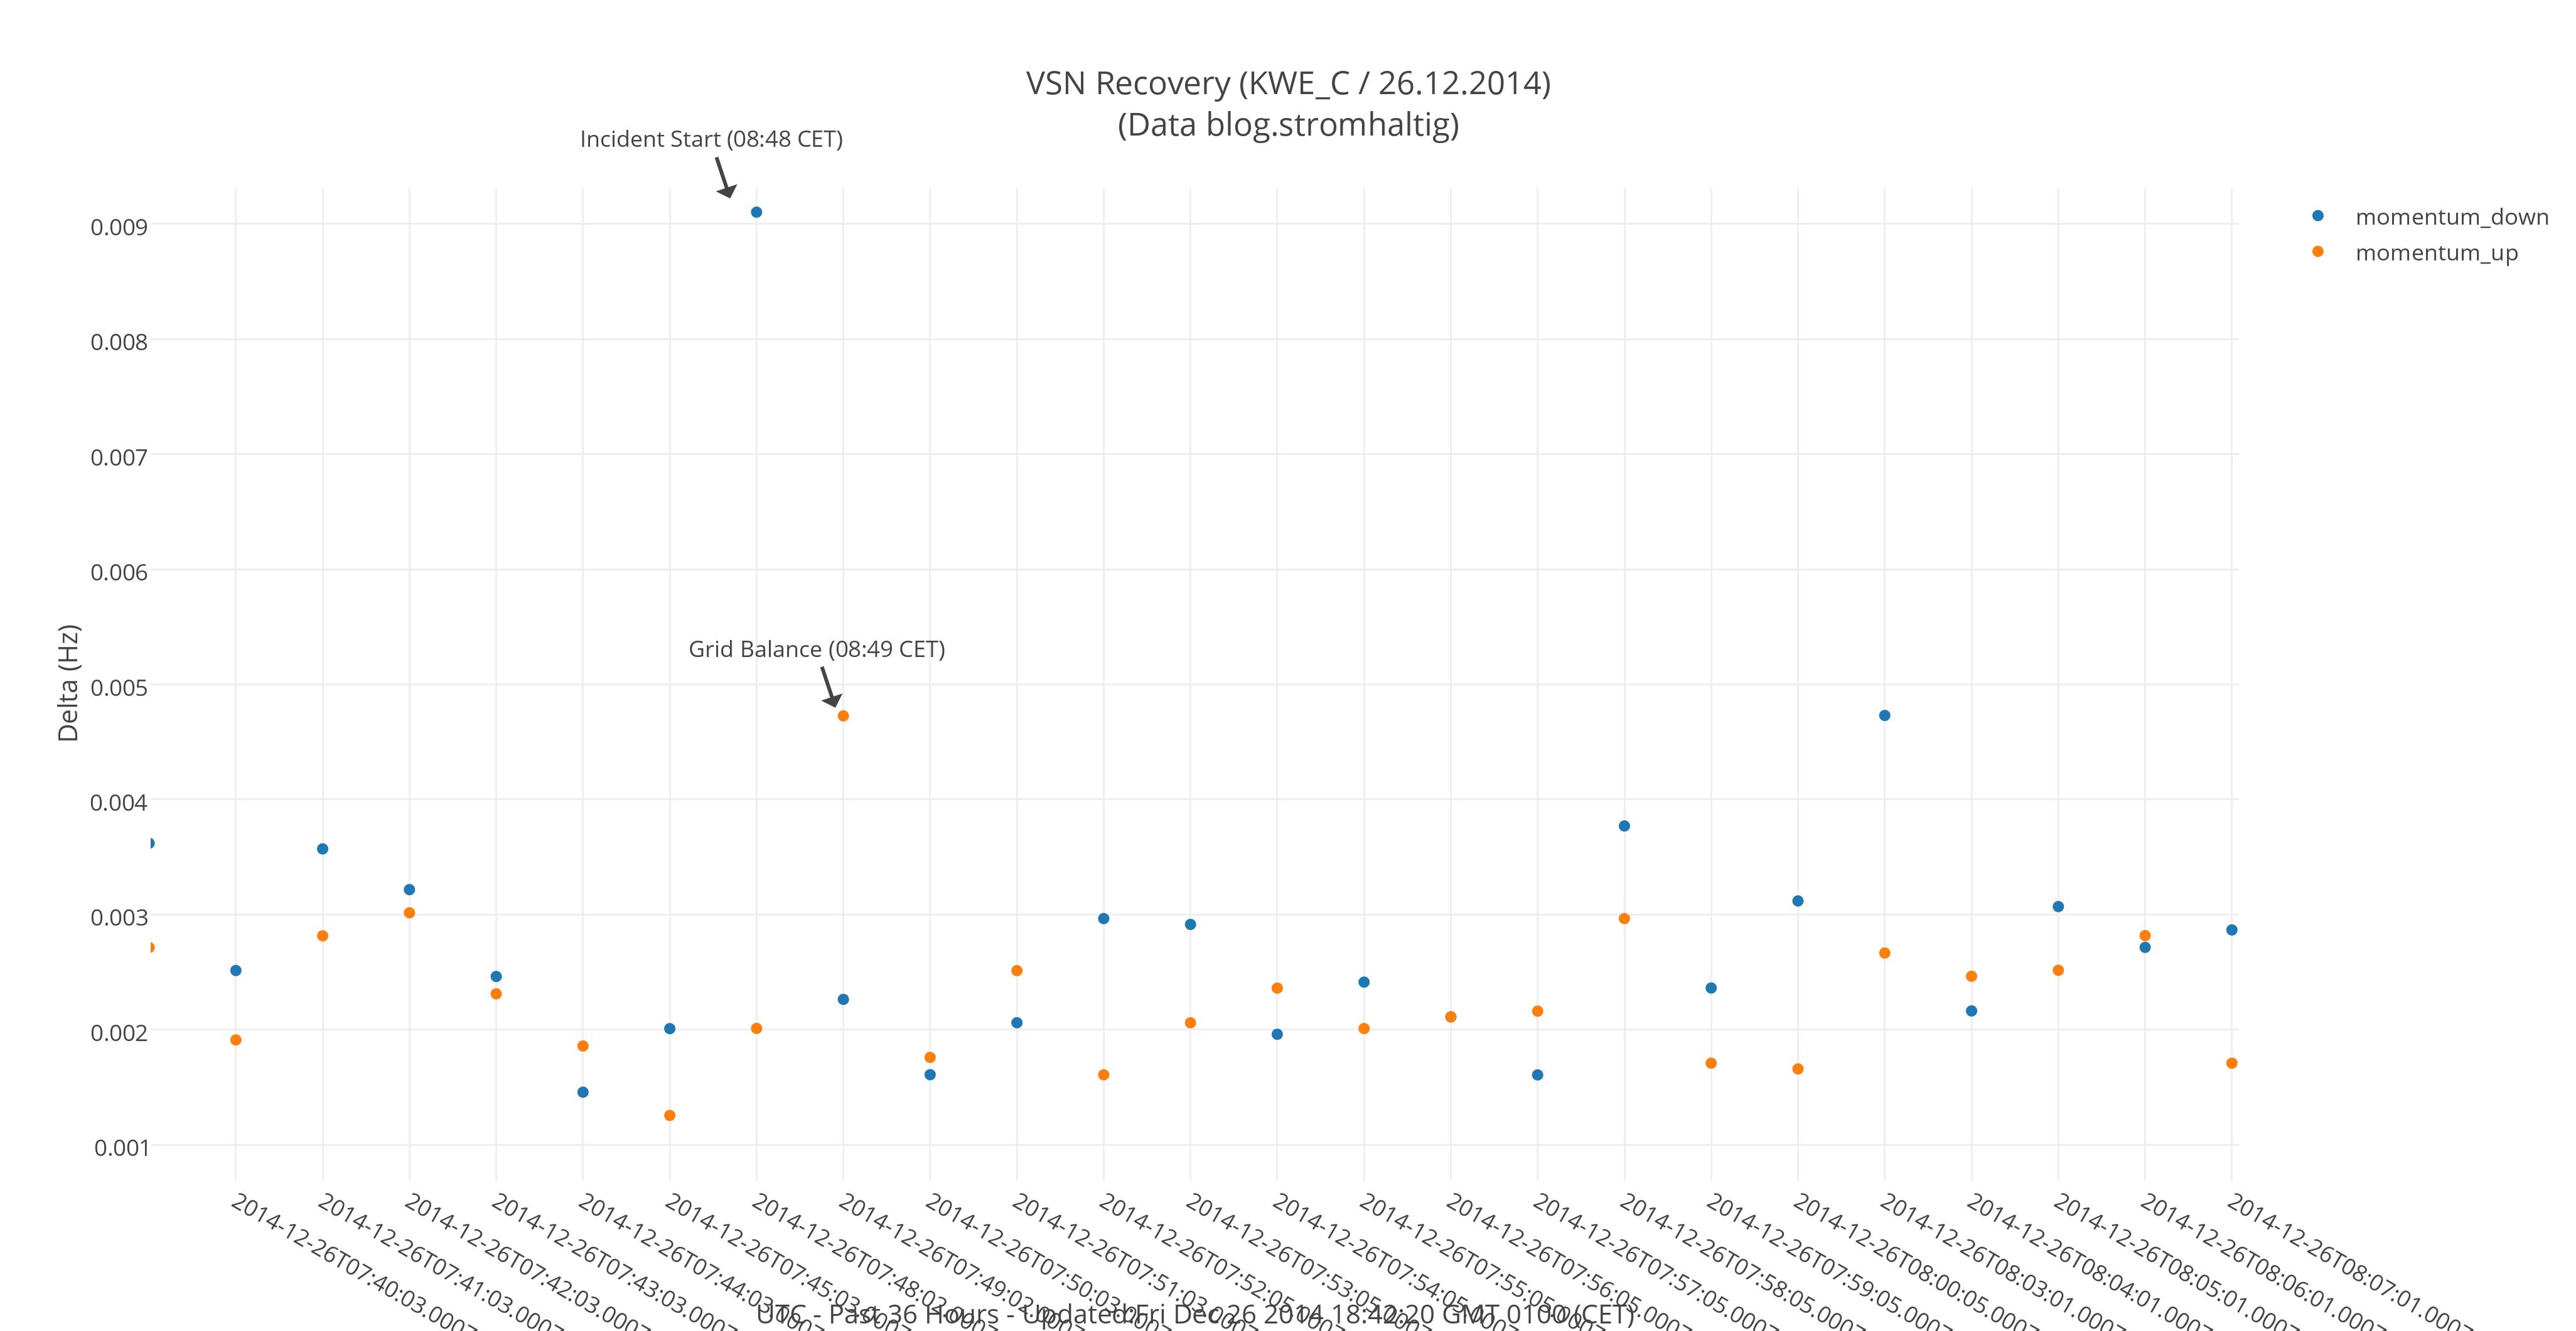 VSN - Netzreaktion